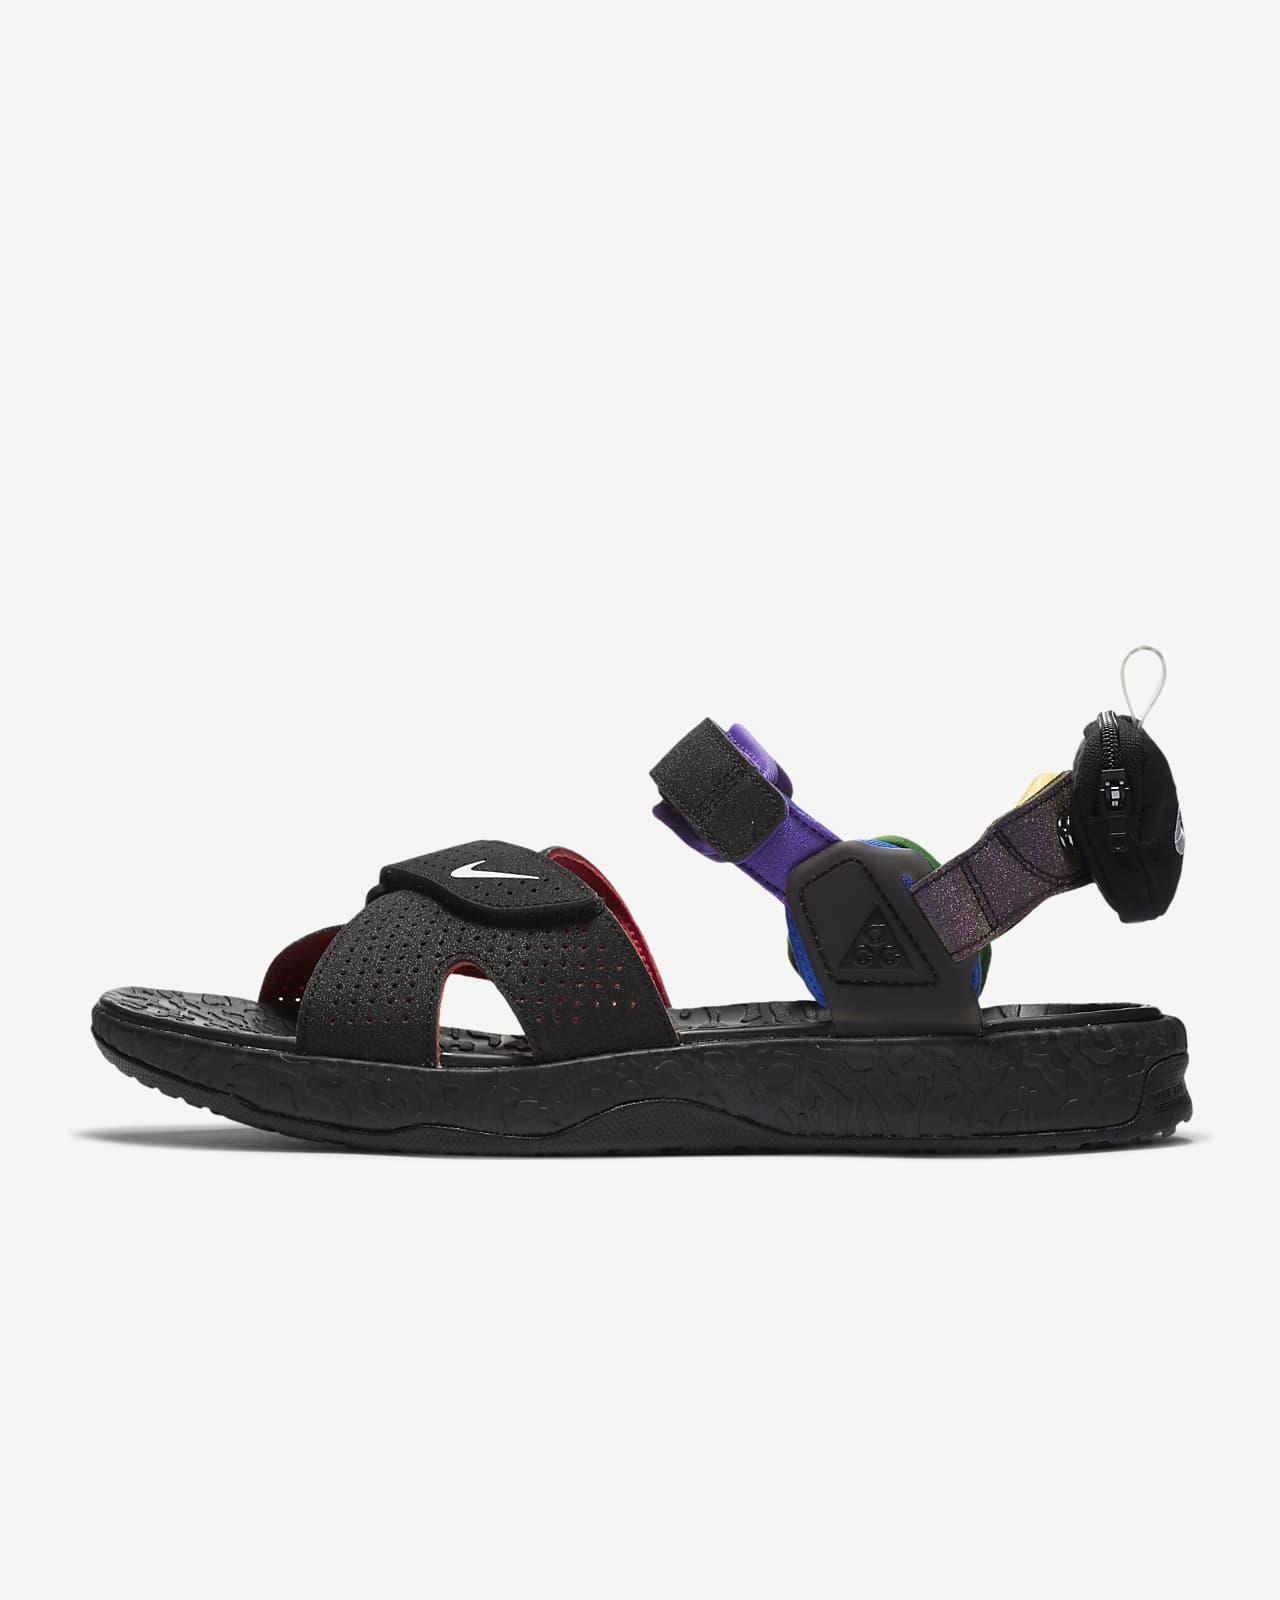 Nike Air Deschutz BeTrue Shoe